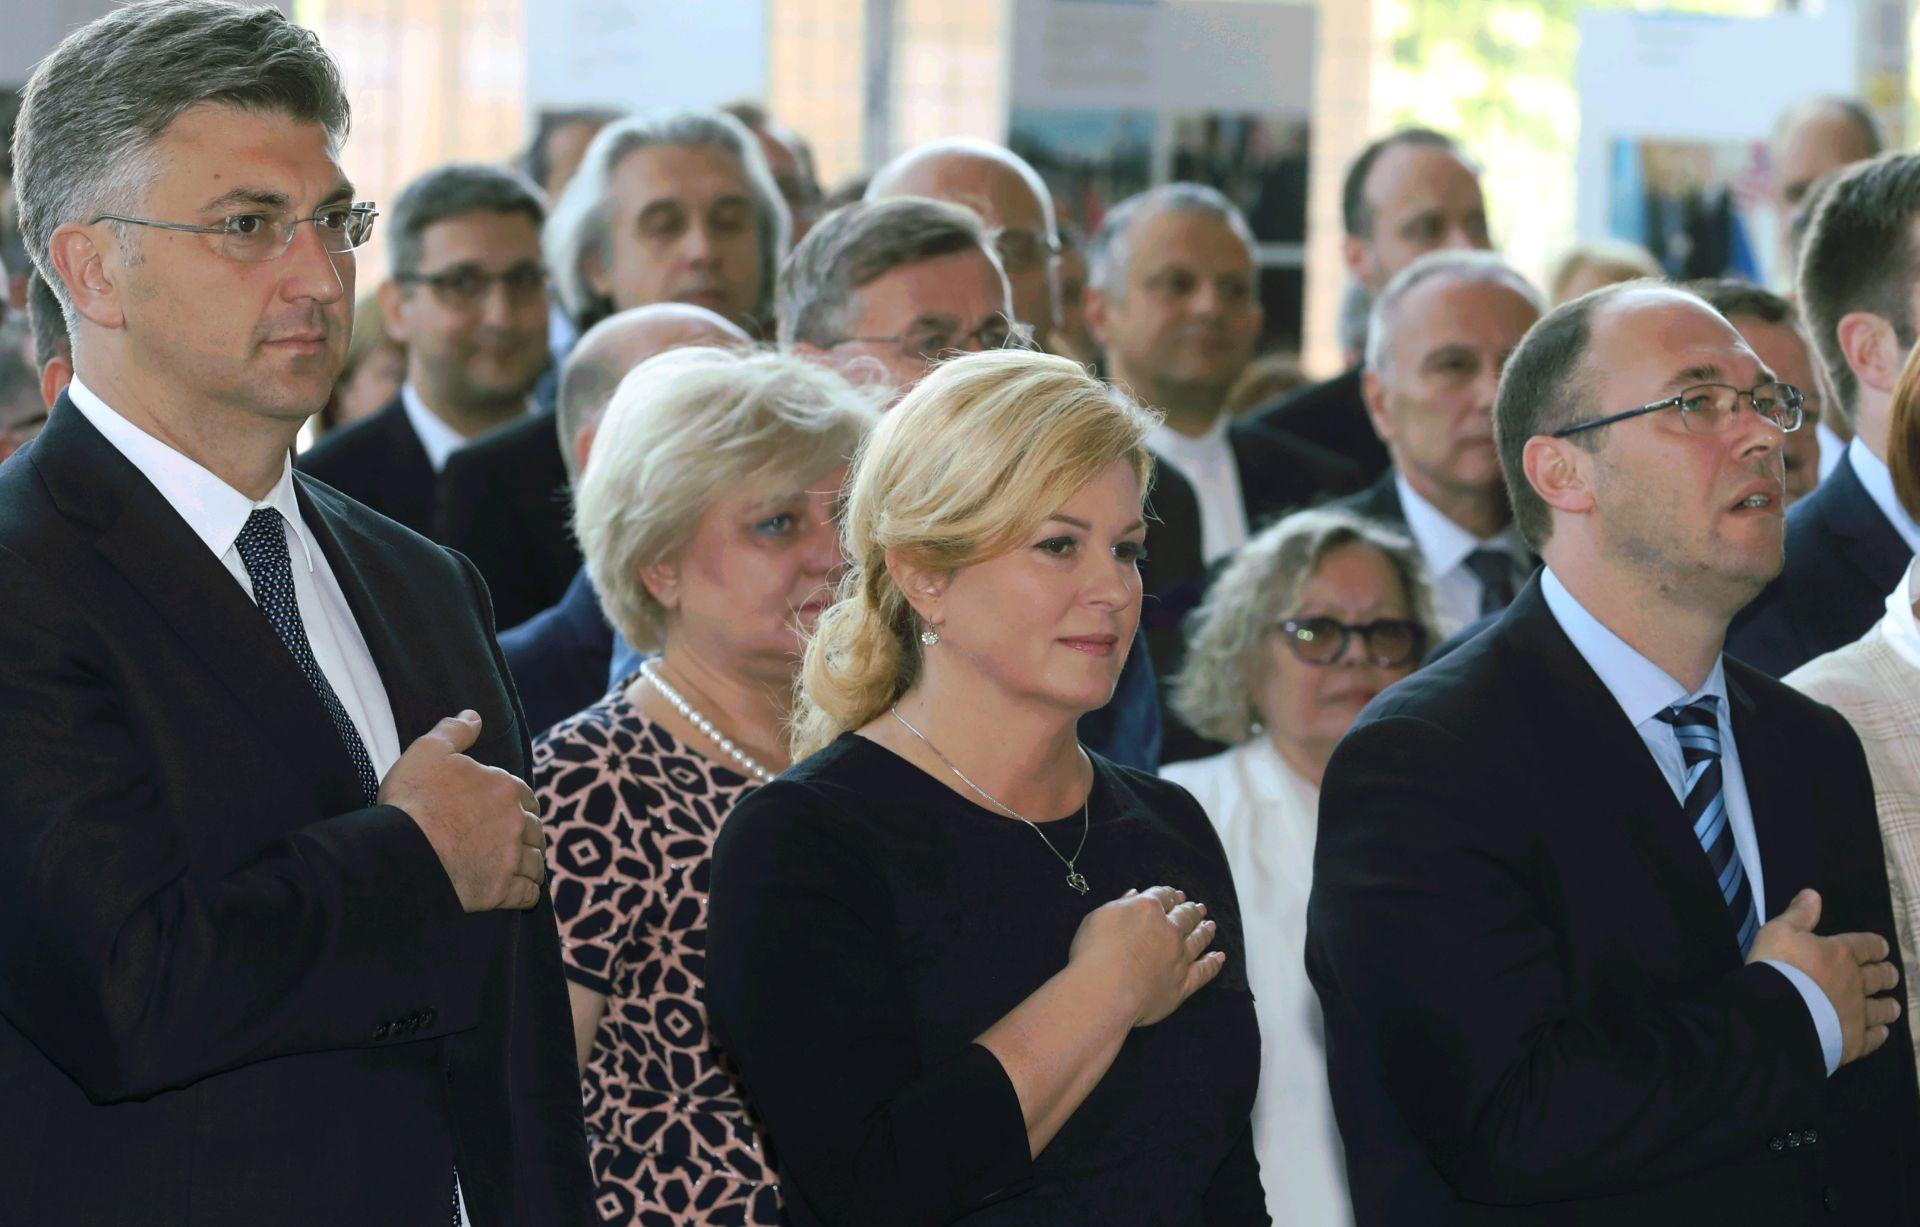 Državni vrh obilježio 25. godišnjicu hrvatskog članstva u UN-u